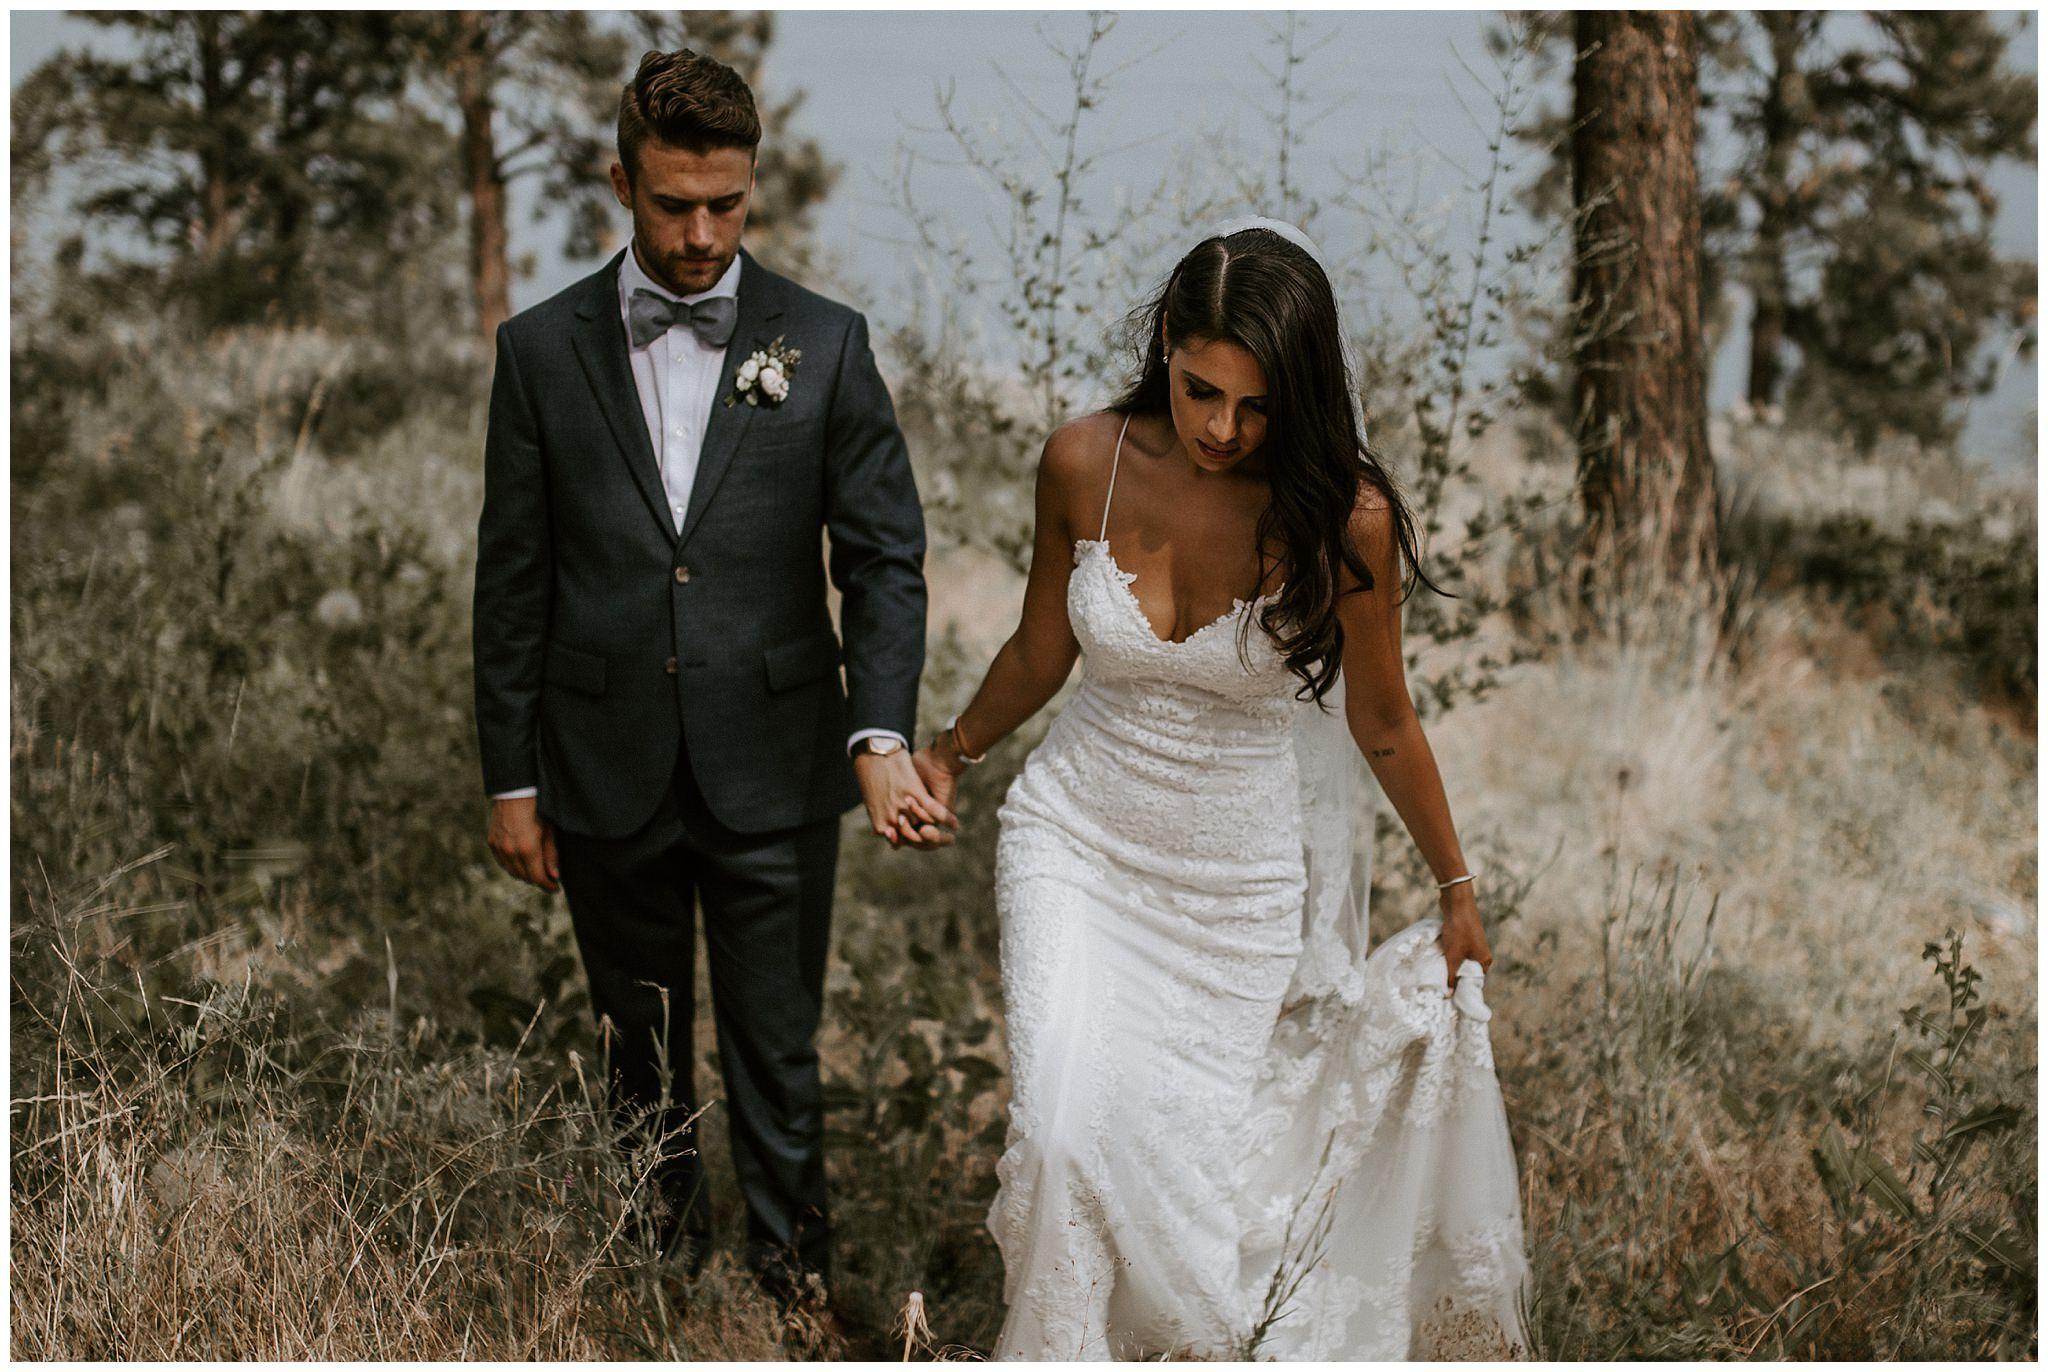 off-the-grid-winery-wedding-kelowna-020.JPG